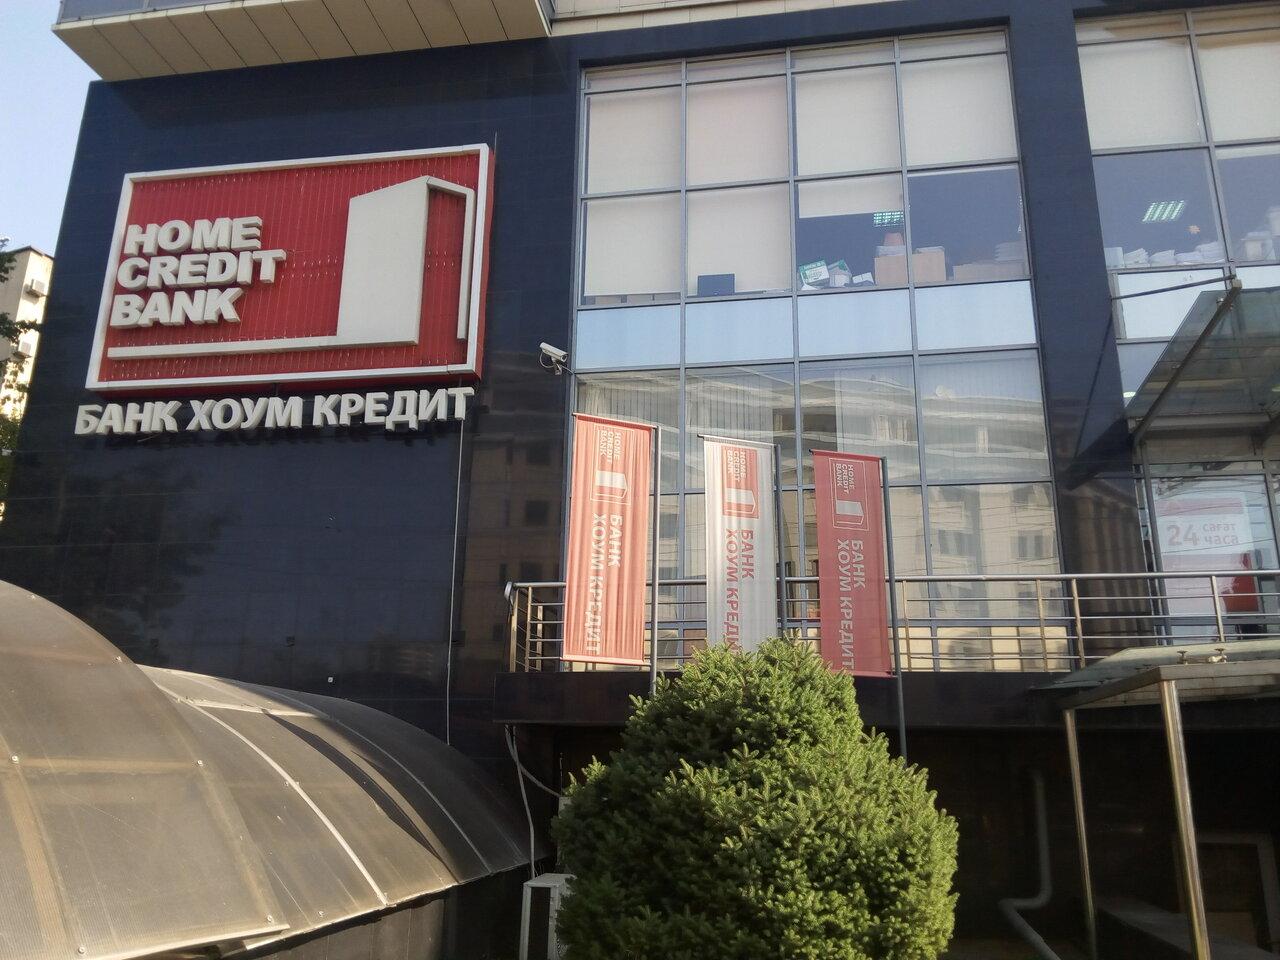 Хоум кредит банк колл центр алматы